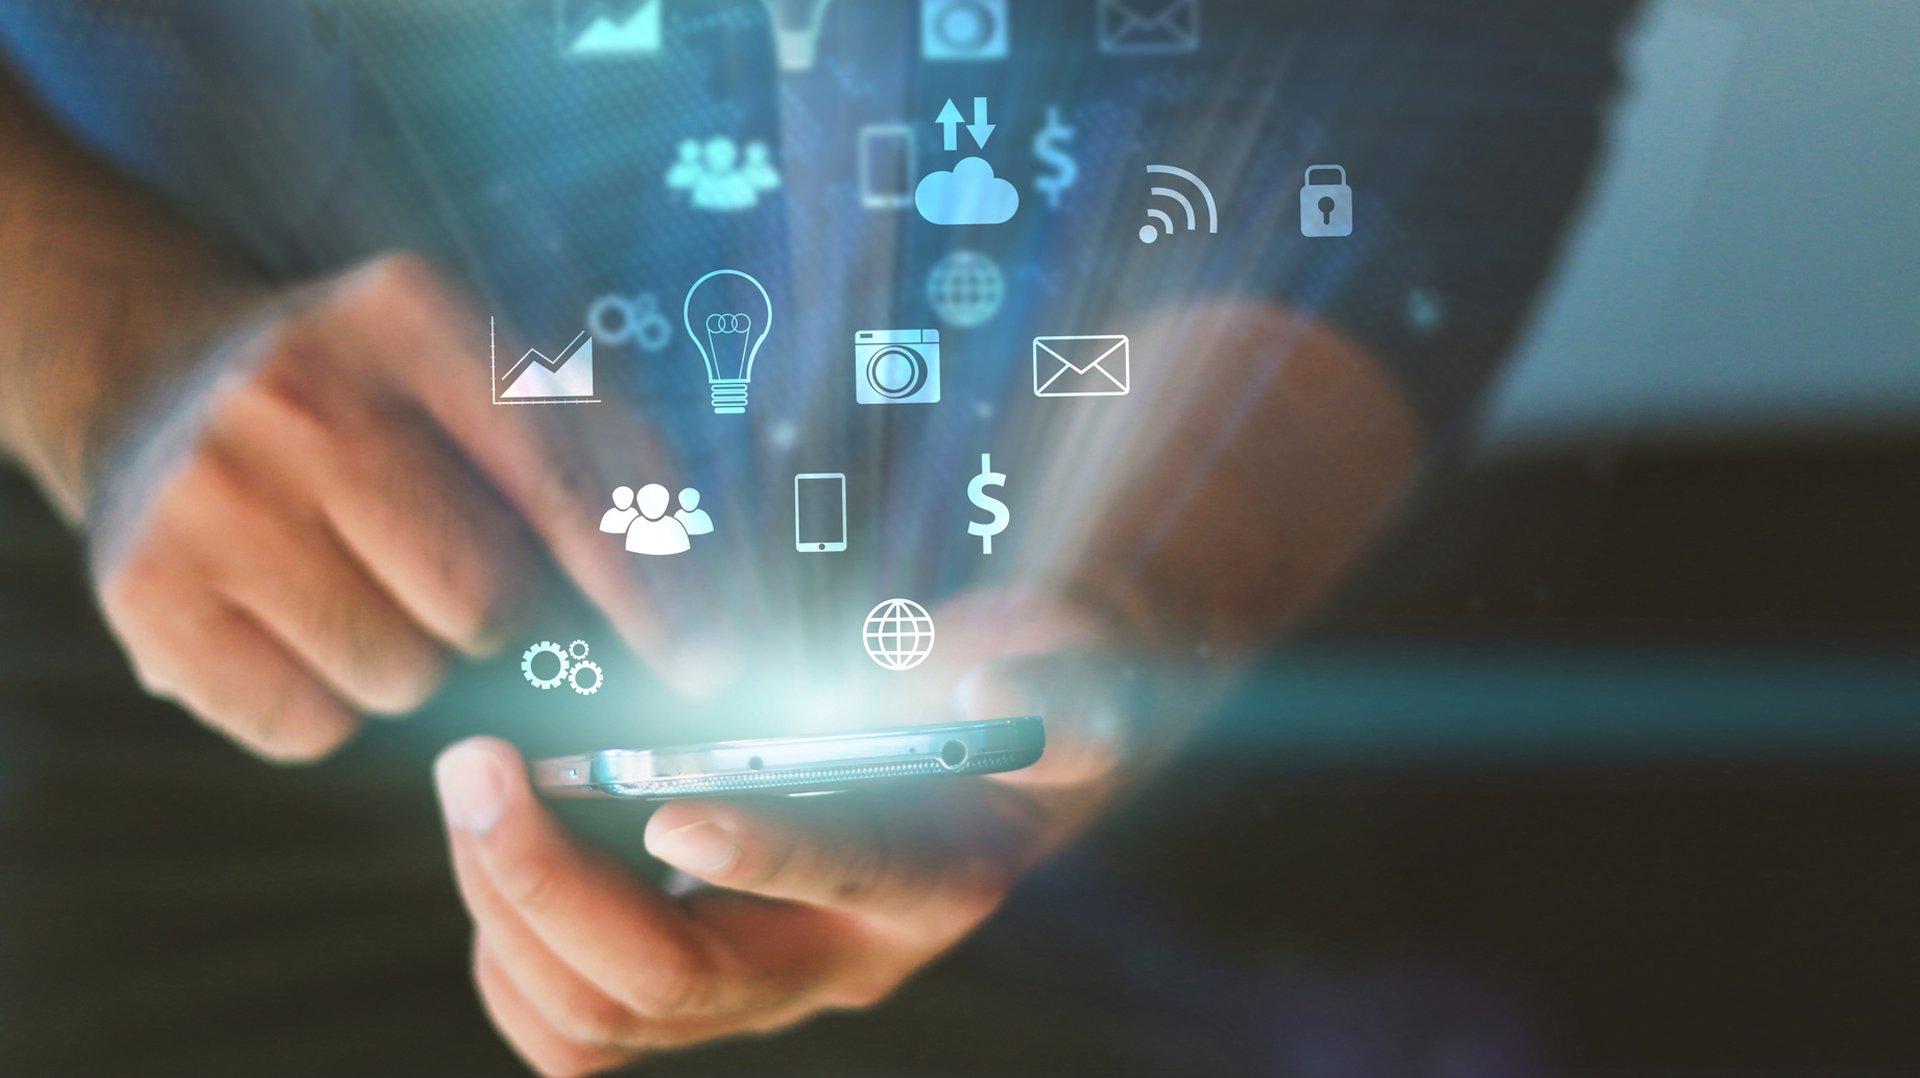 Lượng người dùng tiếp cận nội dung trên di động gia tăng rất nhanh